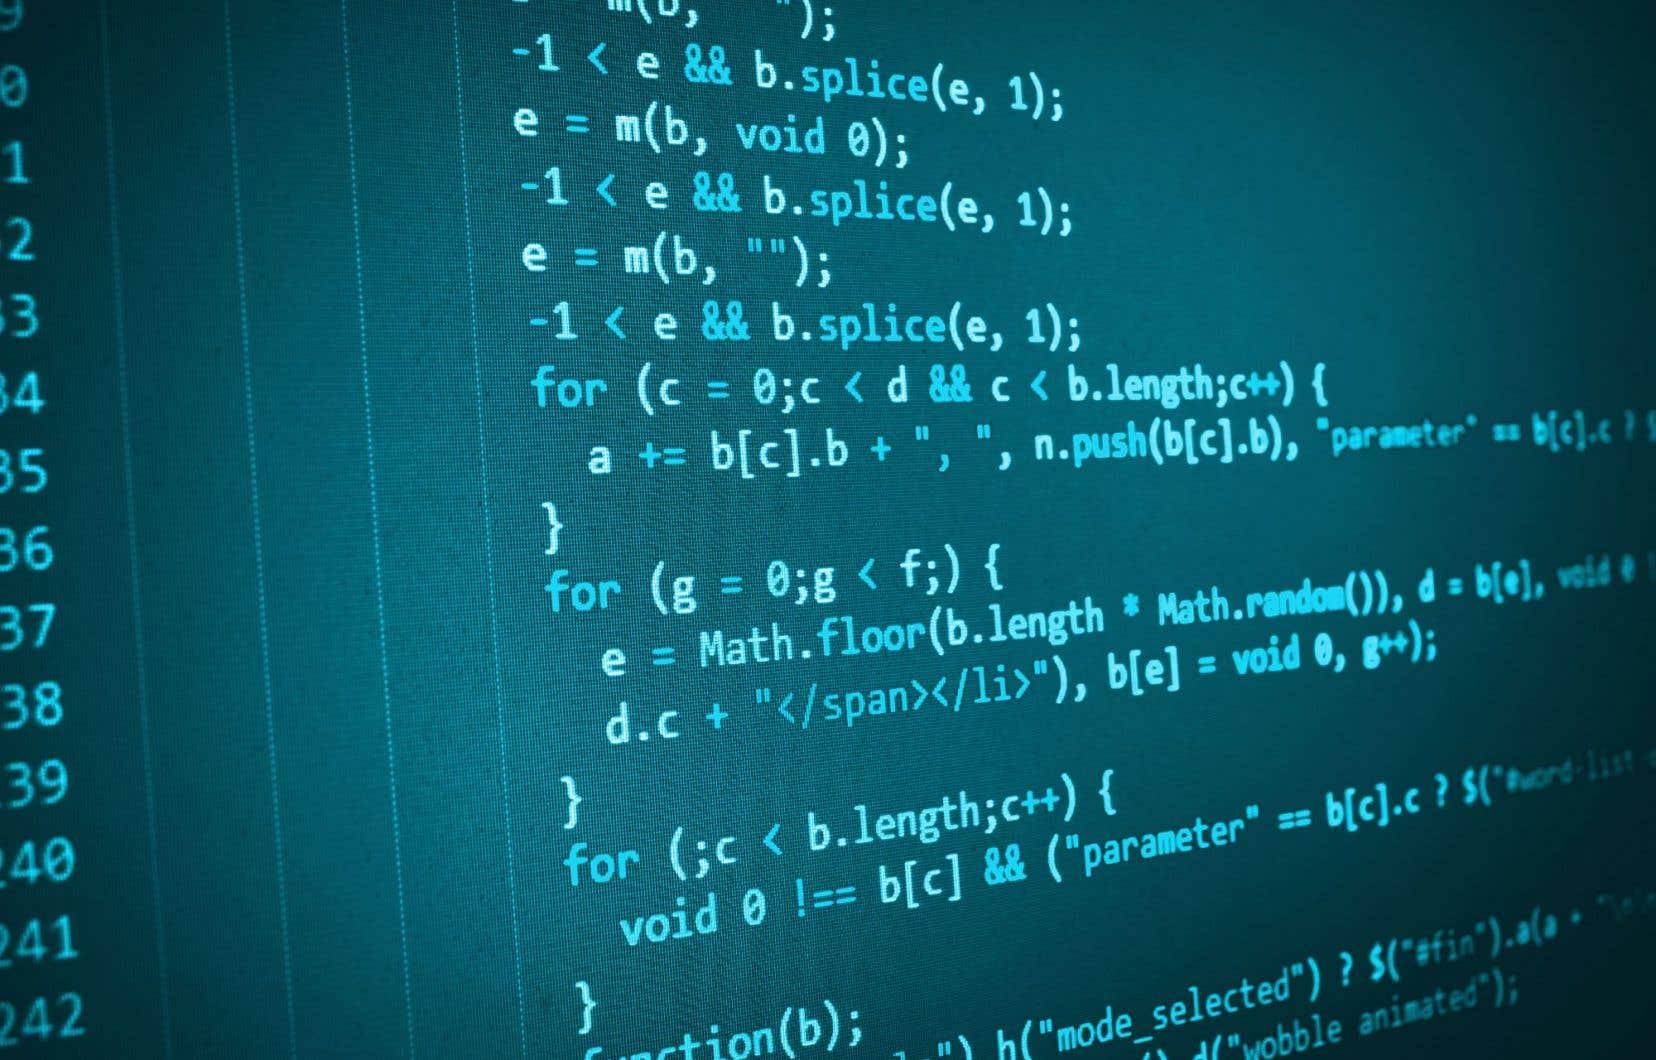 La méthode visant à laisser l'ordinateur acquérir ses connaissances lui-même en regardant des exemples étiquetés a fonctionné de manière surprenante.